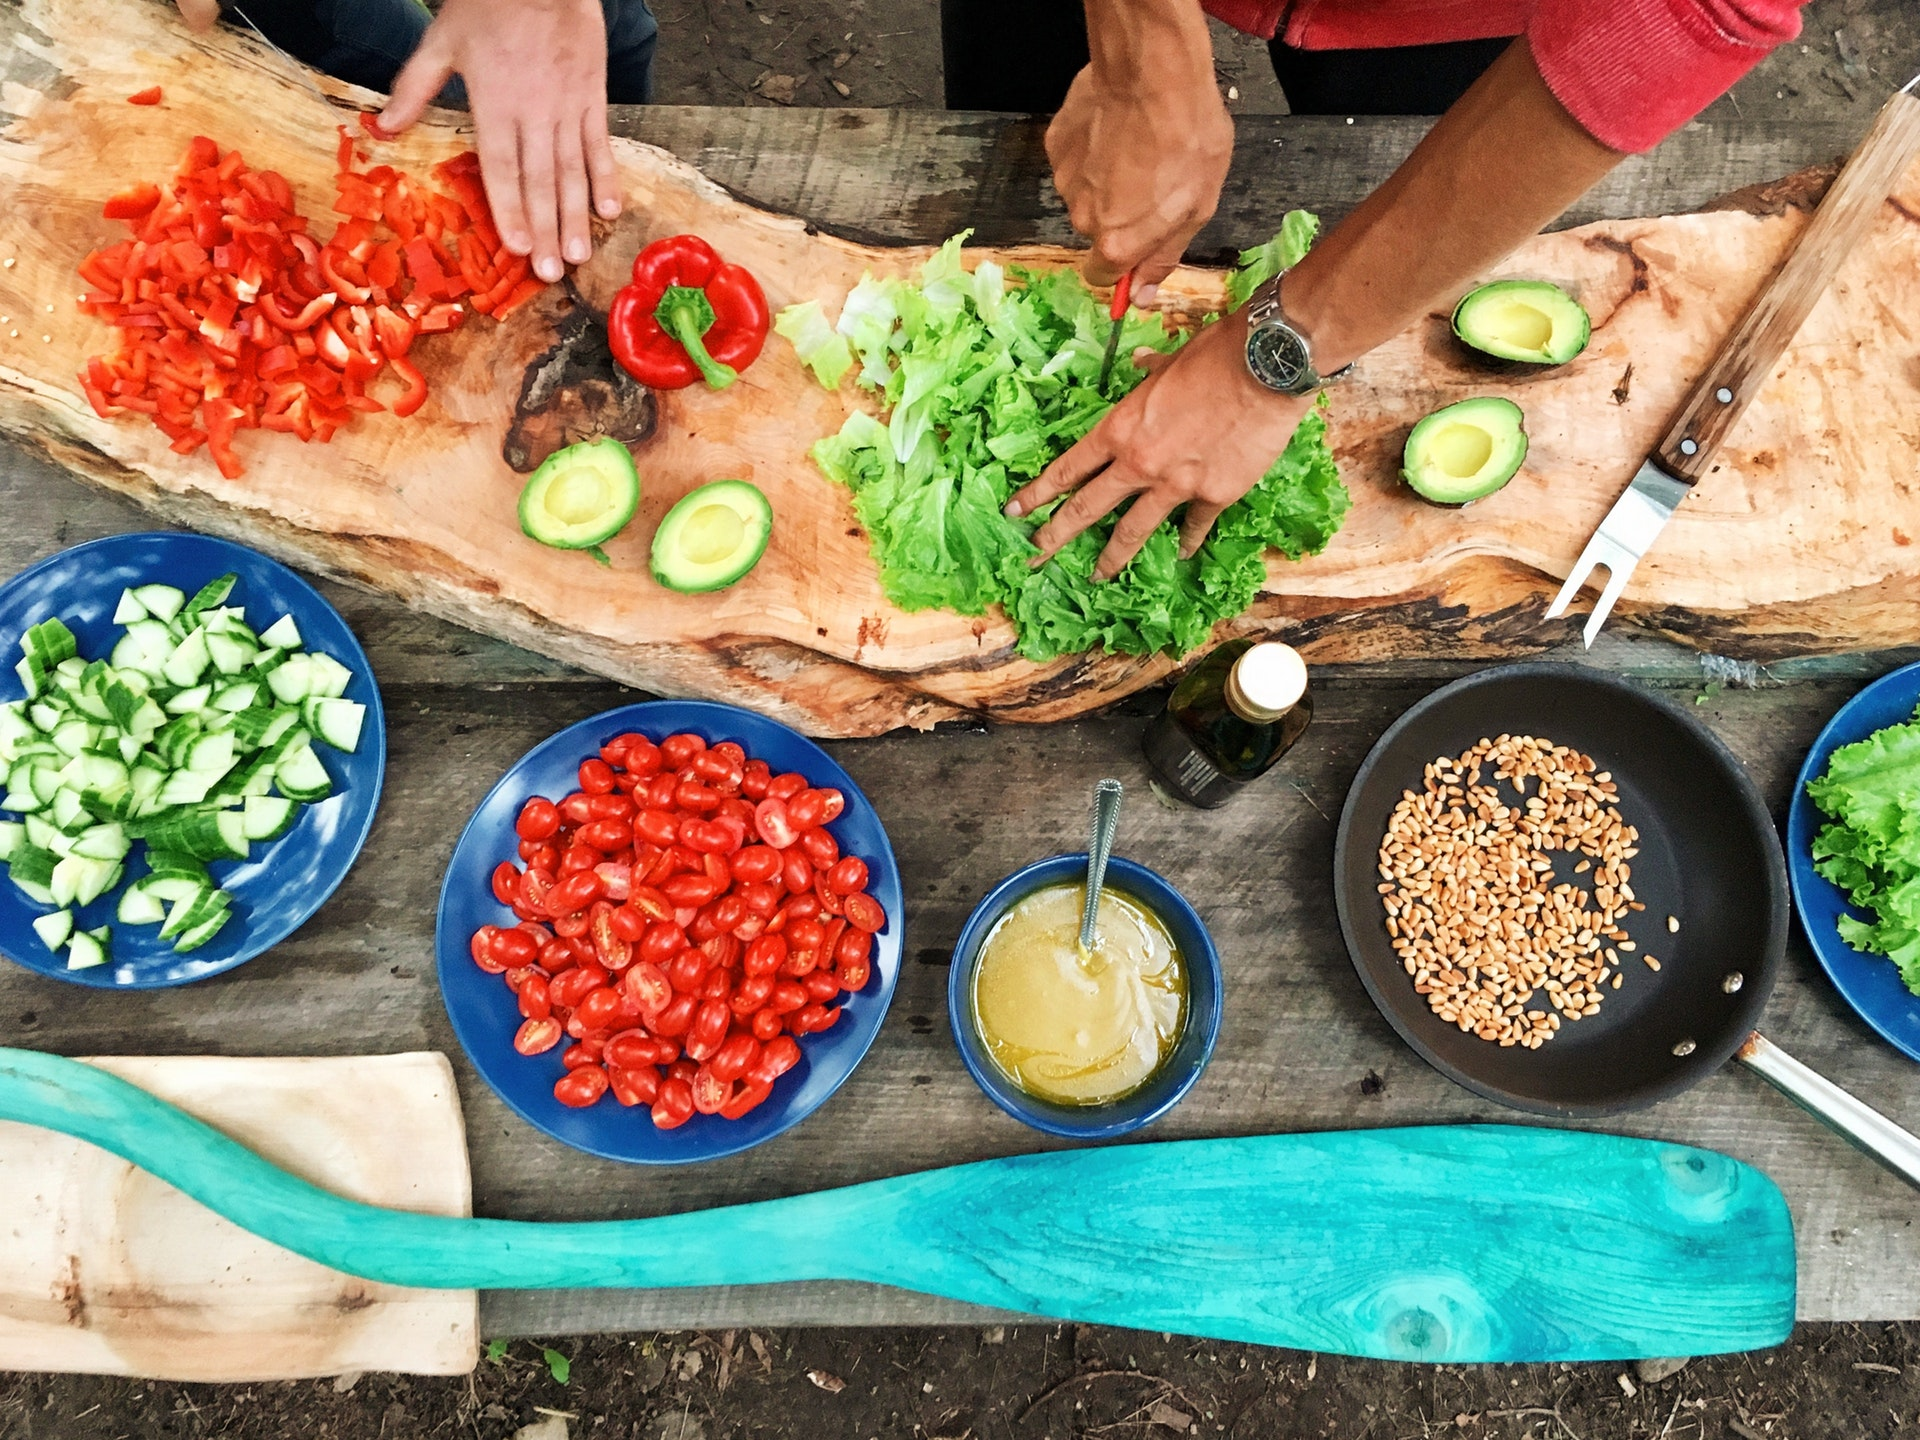 groente en fruit wassen